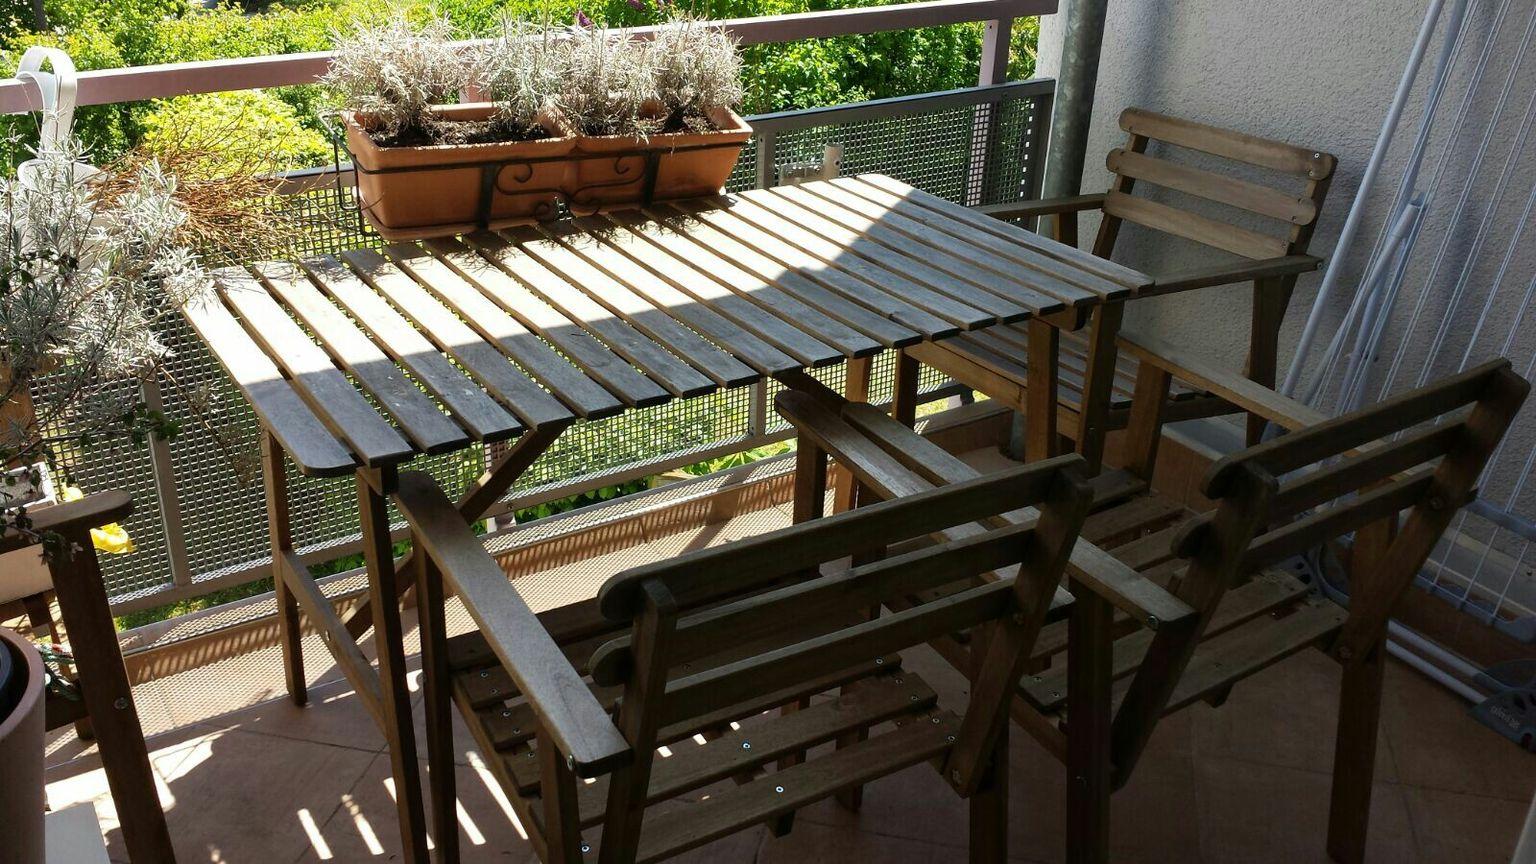 Full Size of Gartentisch Ikea Askholmen Tisch Fernsehtisch Kiefer Gelaugt Gelt Regal Mit Küche Kosten Betten Bei Miniküche Kaufen Modulküche Sofa Schlaffunktion 160x200 Wohnzimmer Gartentisch Ikea